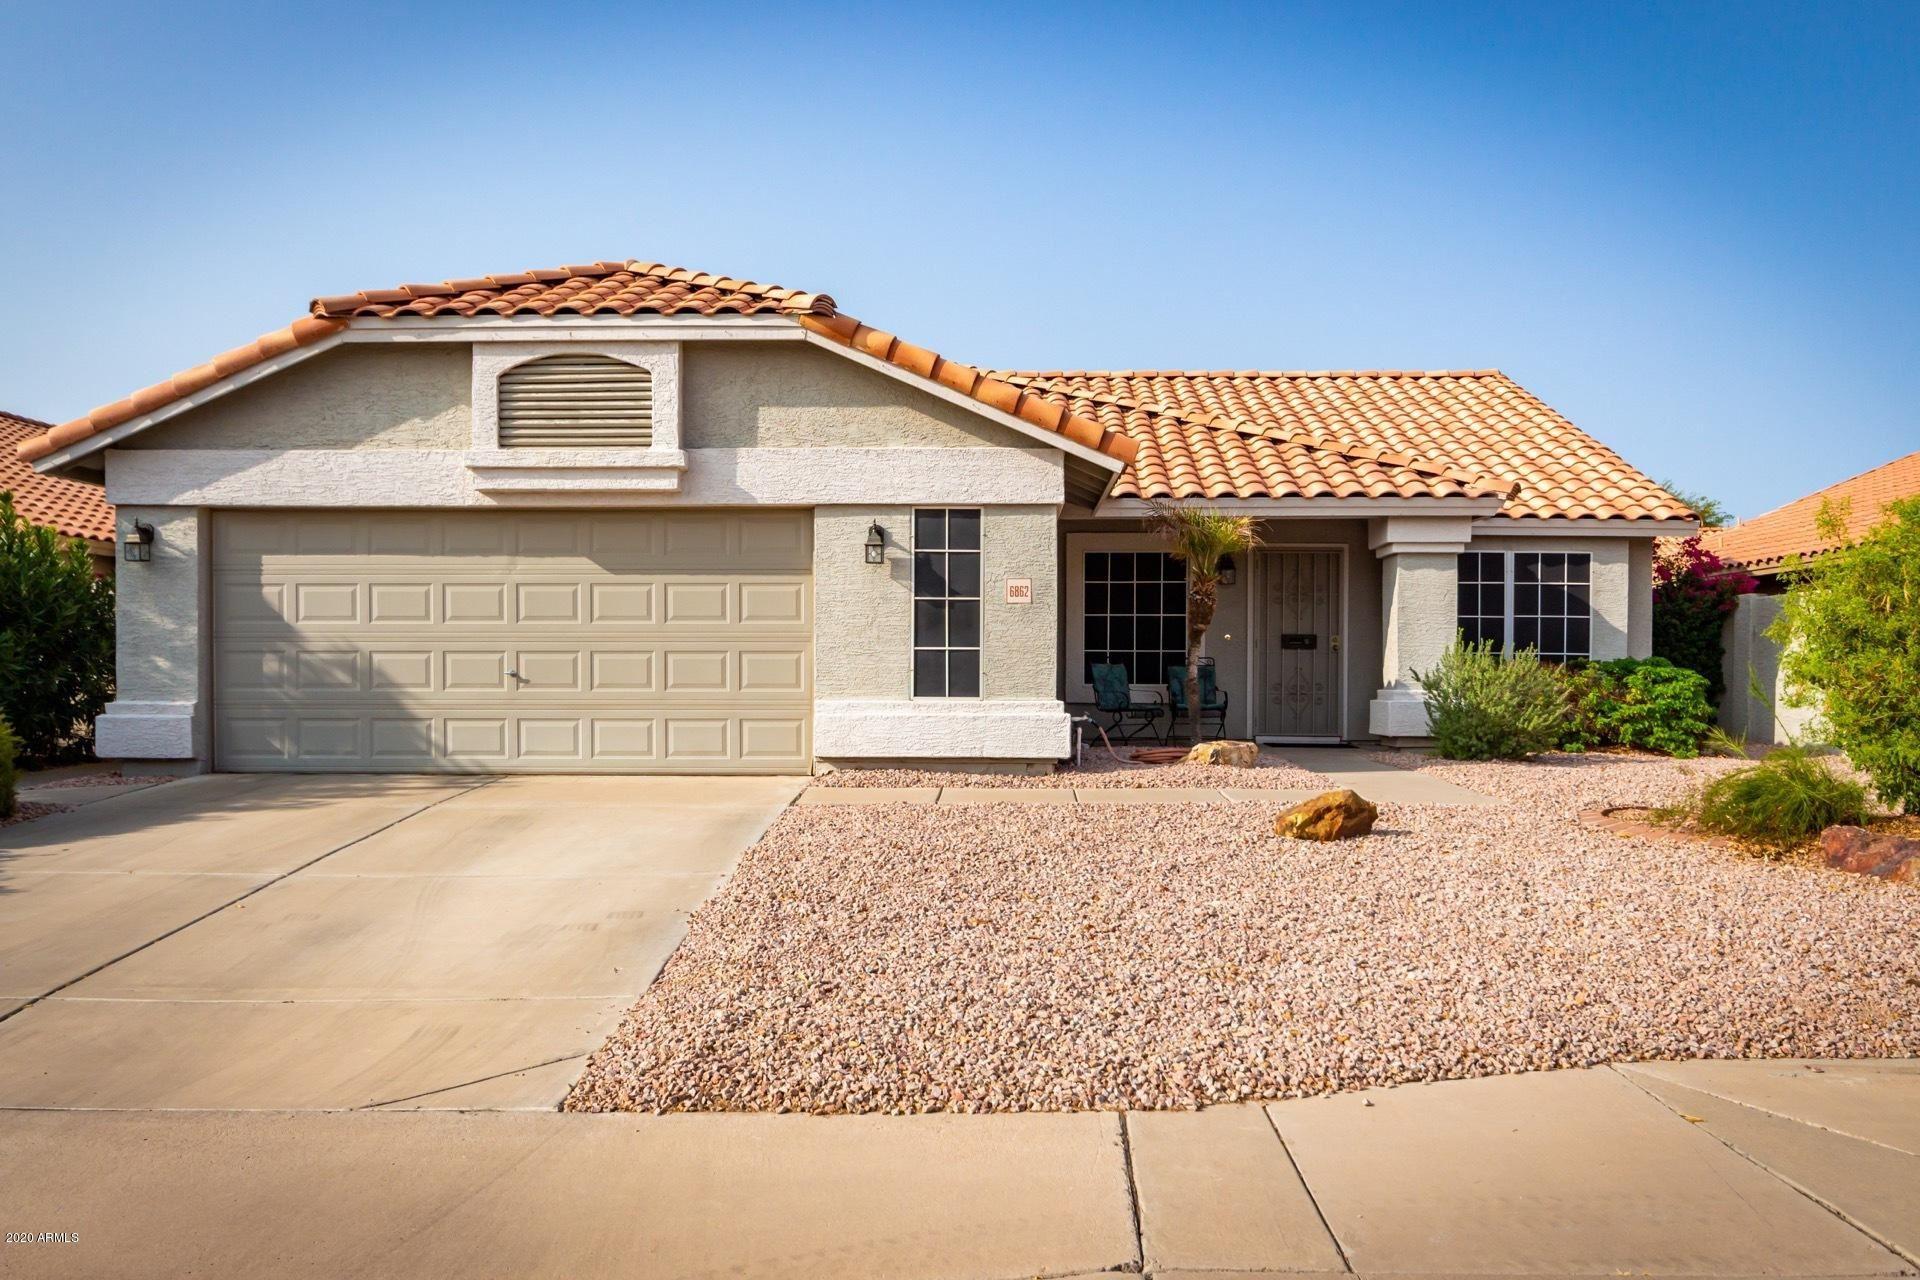 6862 E LAGUNA AZUL Avenue, Mesa, AZ 85209 - MLS#: 6134493